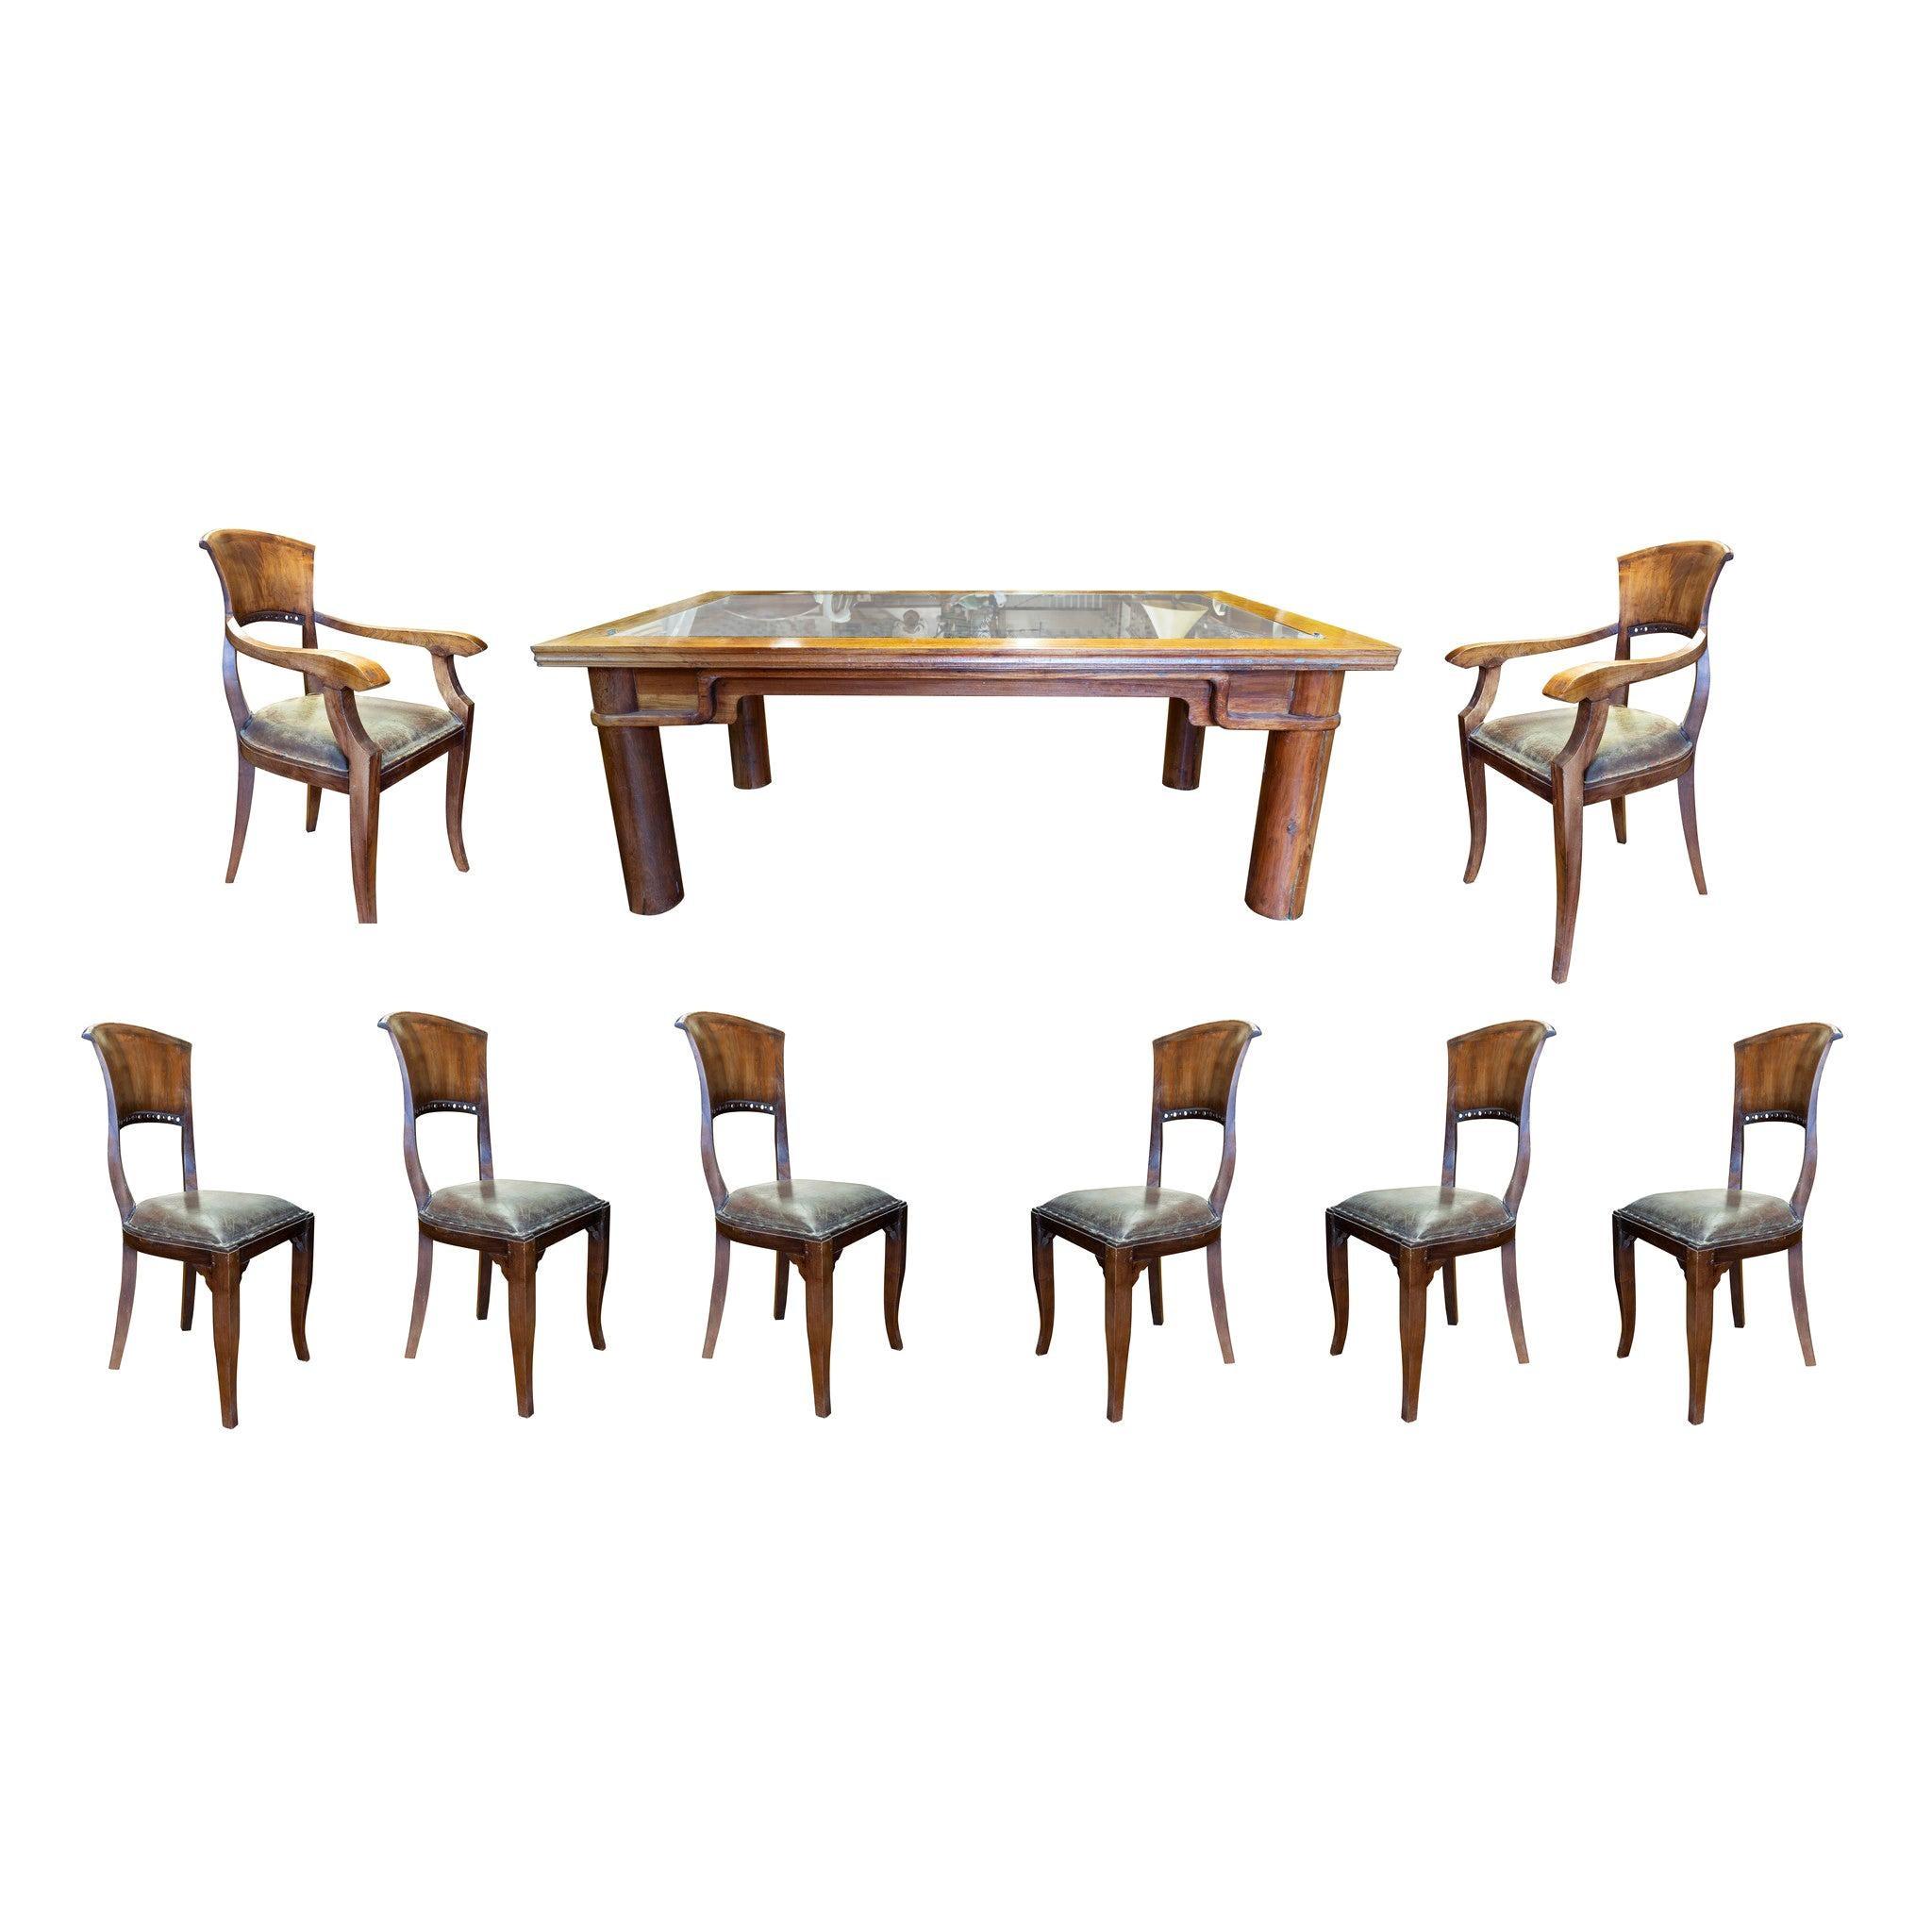 Teak Door Table and Chairs Set